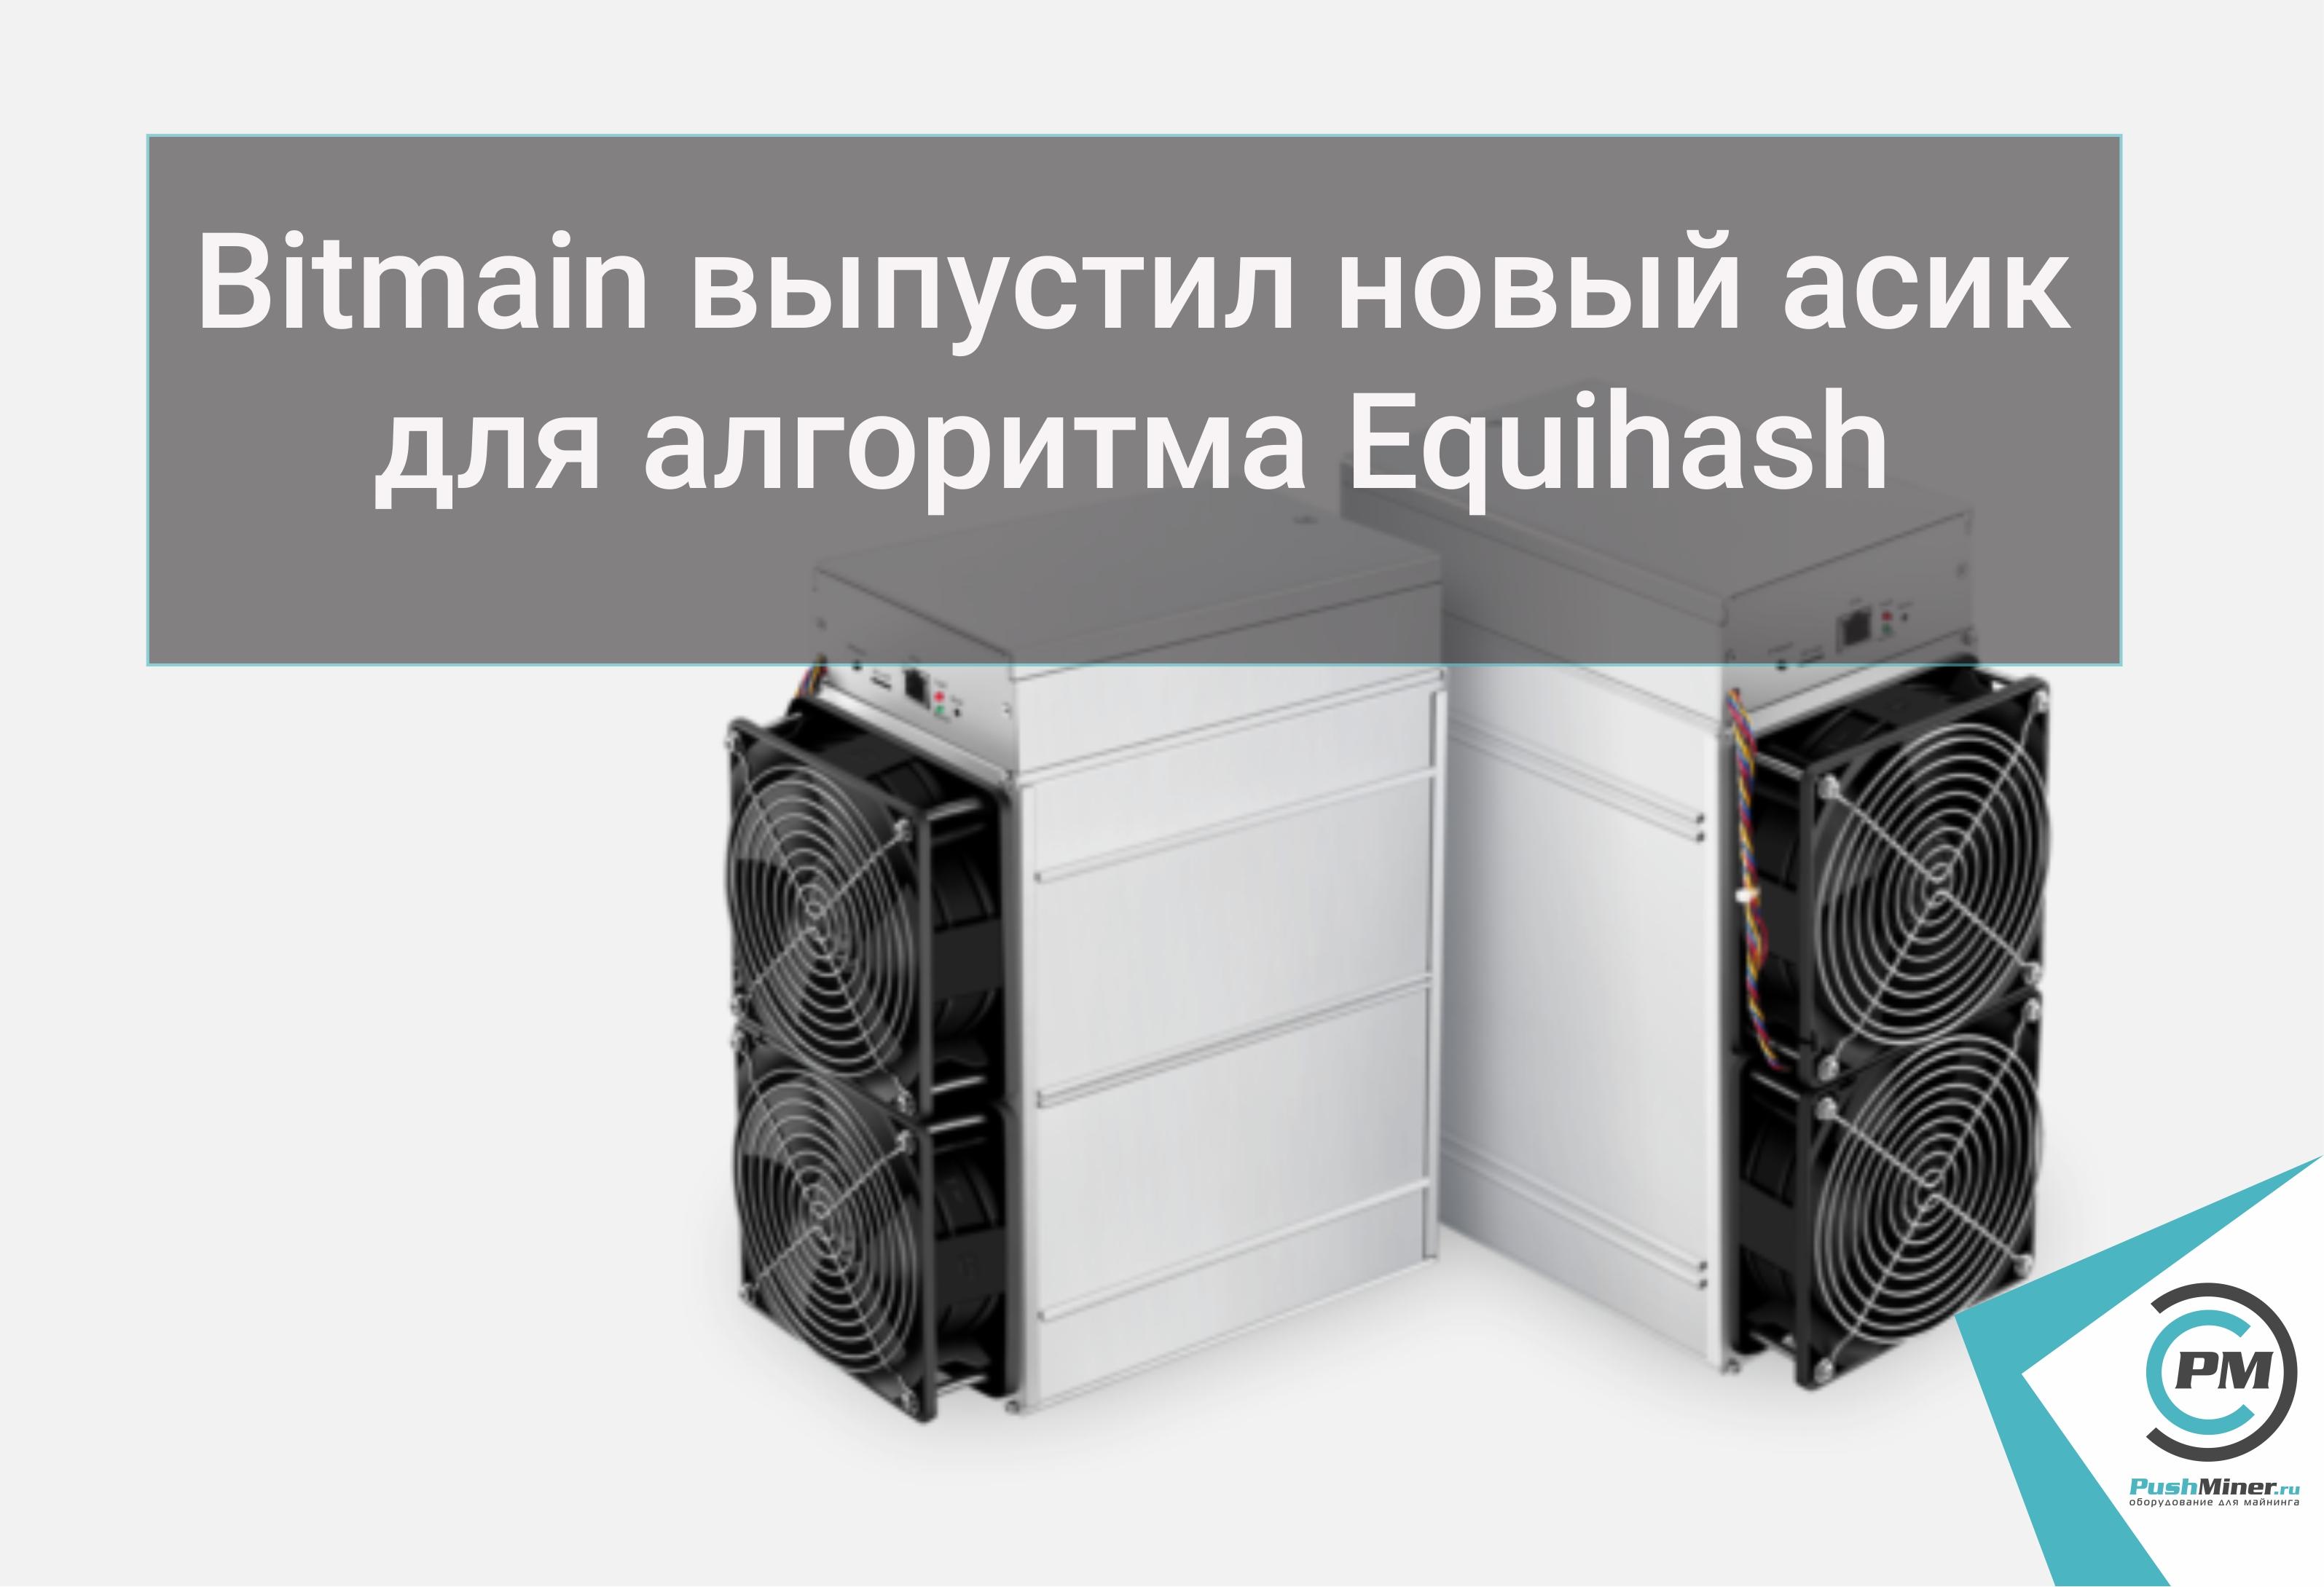 Bitmain выпустил новый асик для алгоритма Equihash